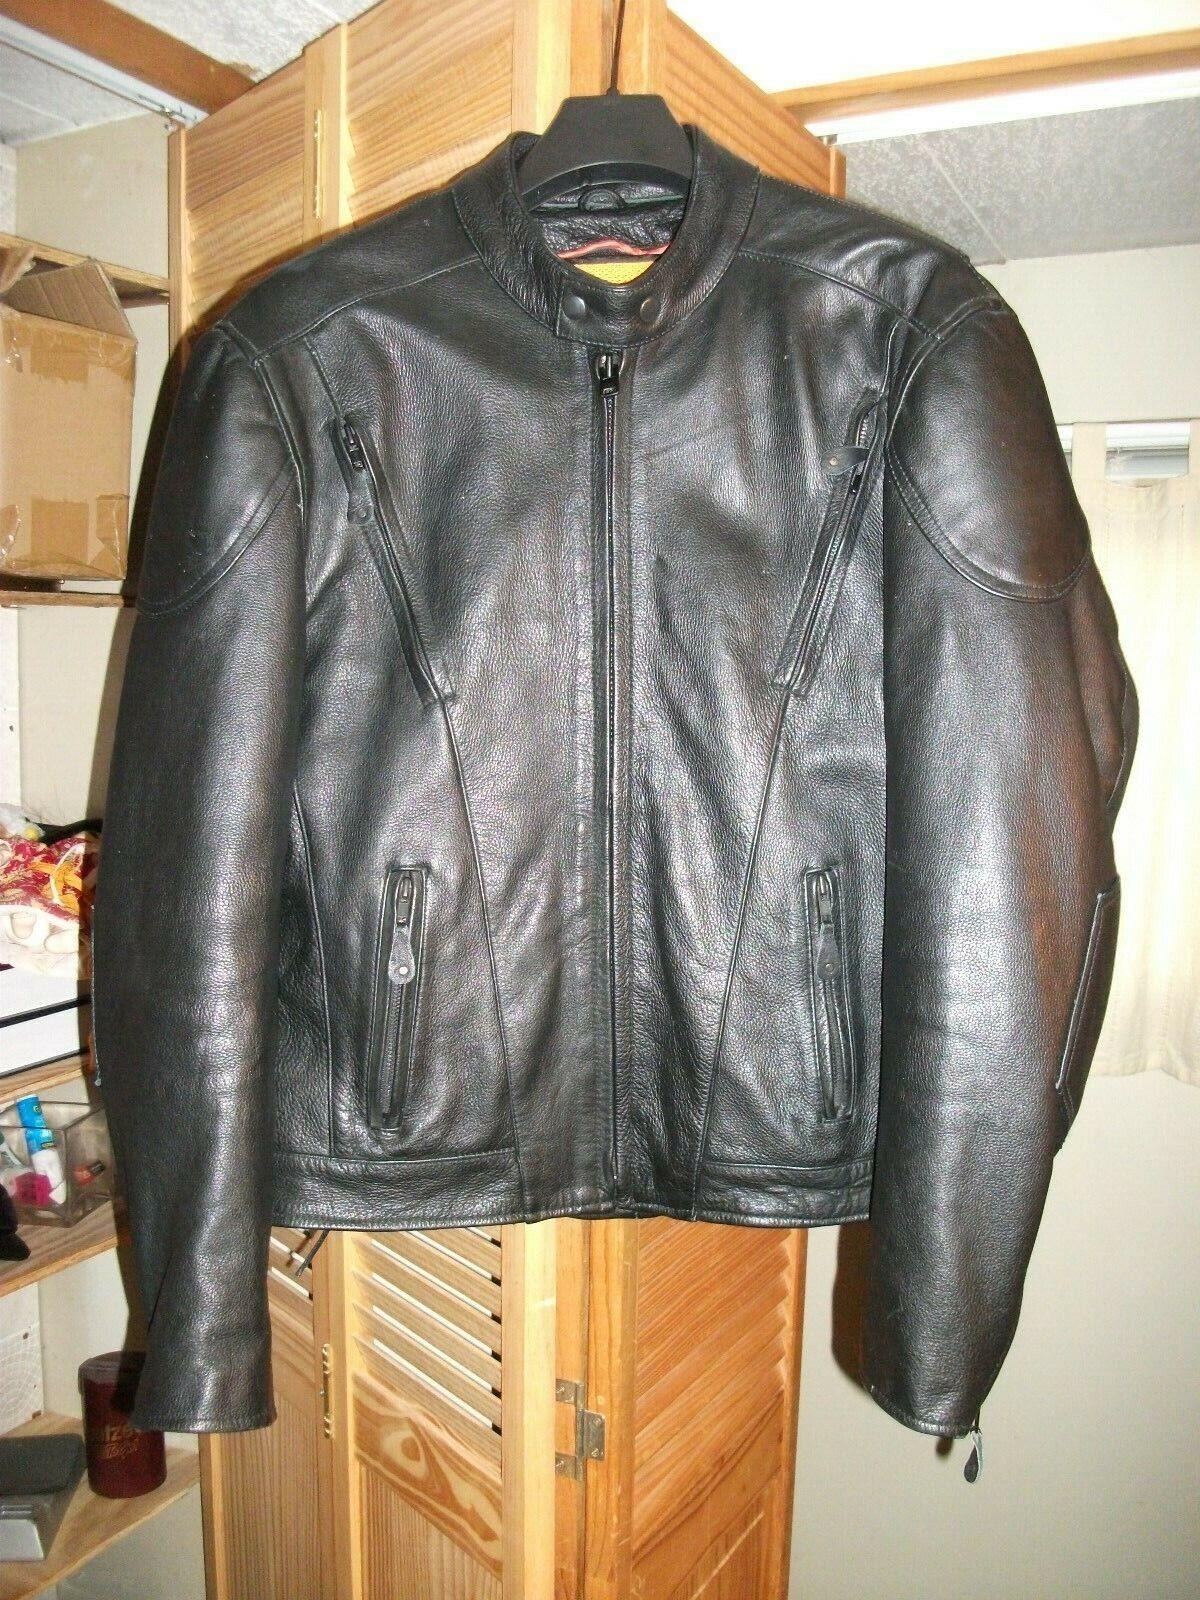 X-ELEMENT para hombre negro avanzada Motorcyle Gear Chaqueta de cuero, Insertos Pad Talla M